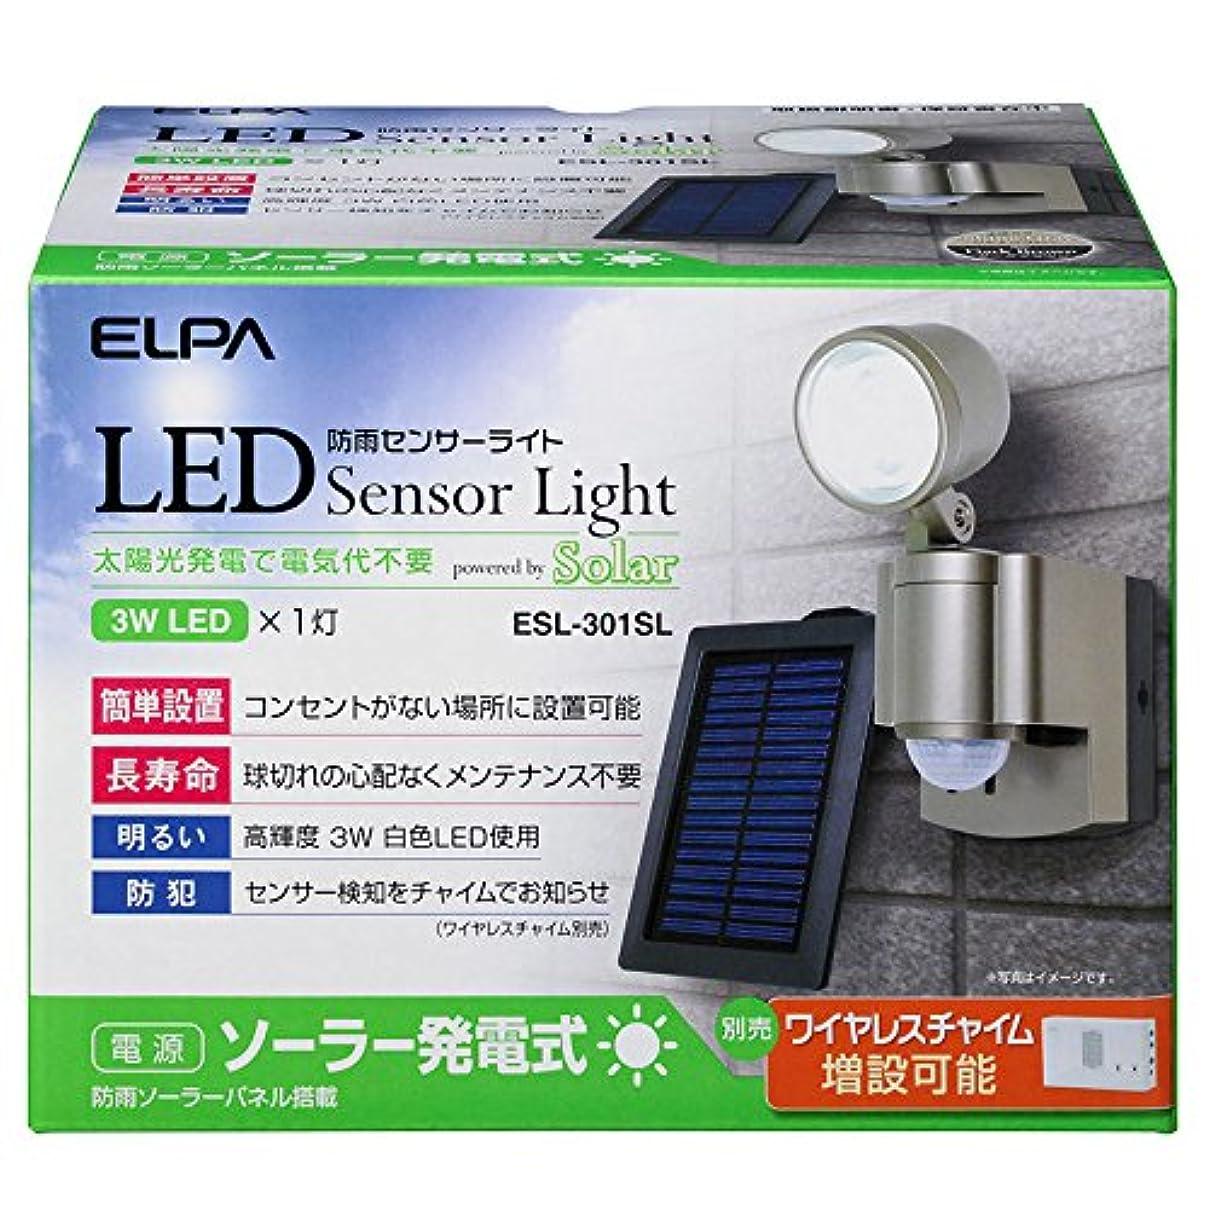 謙虚な浴ディスカウントELPA 屋外用LEDセンサーライト ソーラー式 3wLED 1灯 ESL-301SL